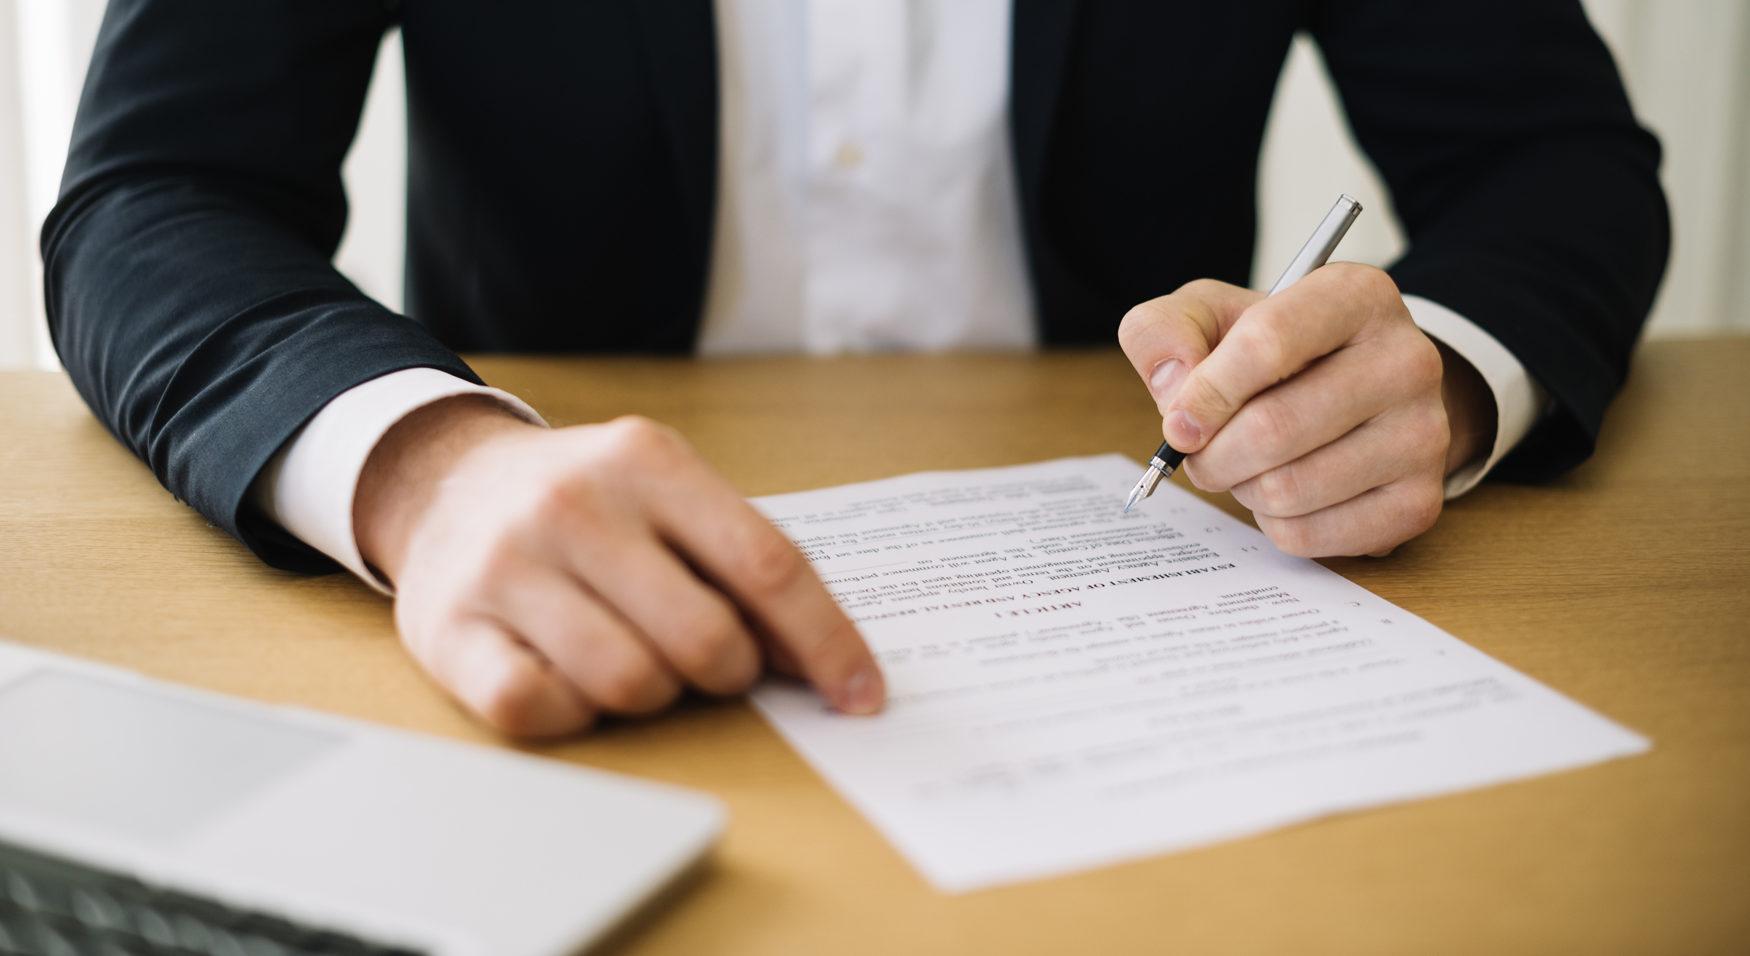 Se solicita librar nuevo oficio de embargo de remuneraciones a empleado con aplicación de multa a la empleadora por cada día de retardo